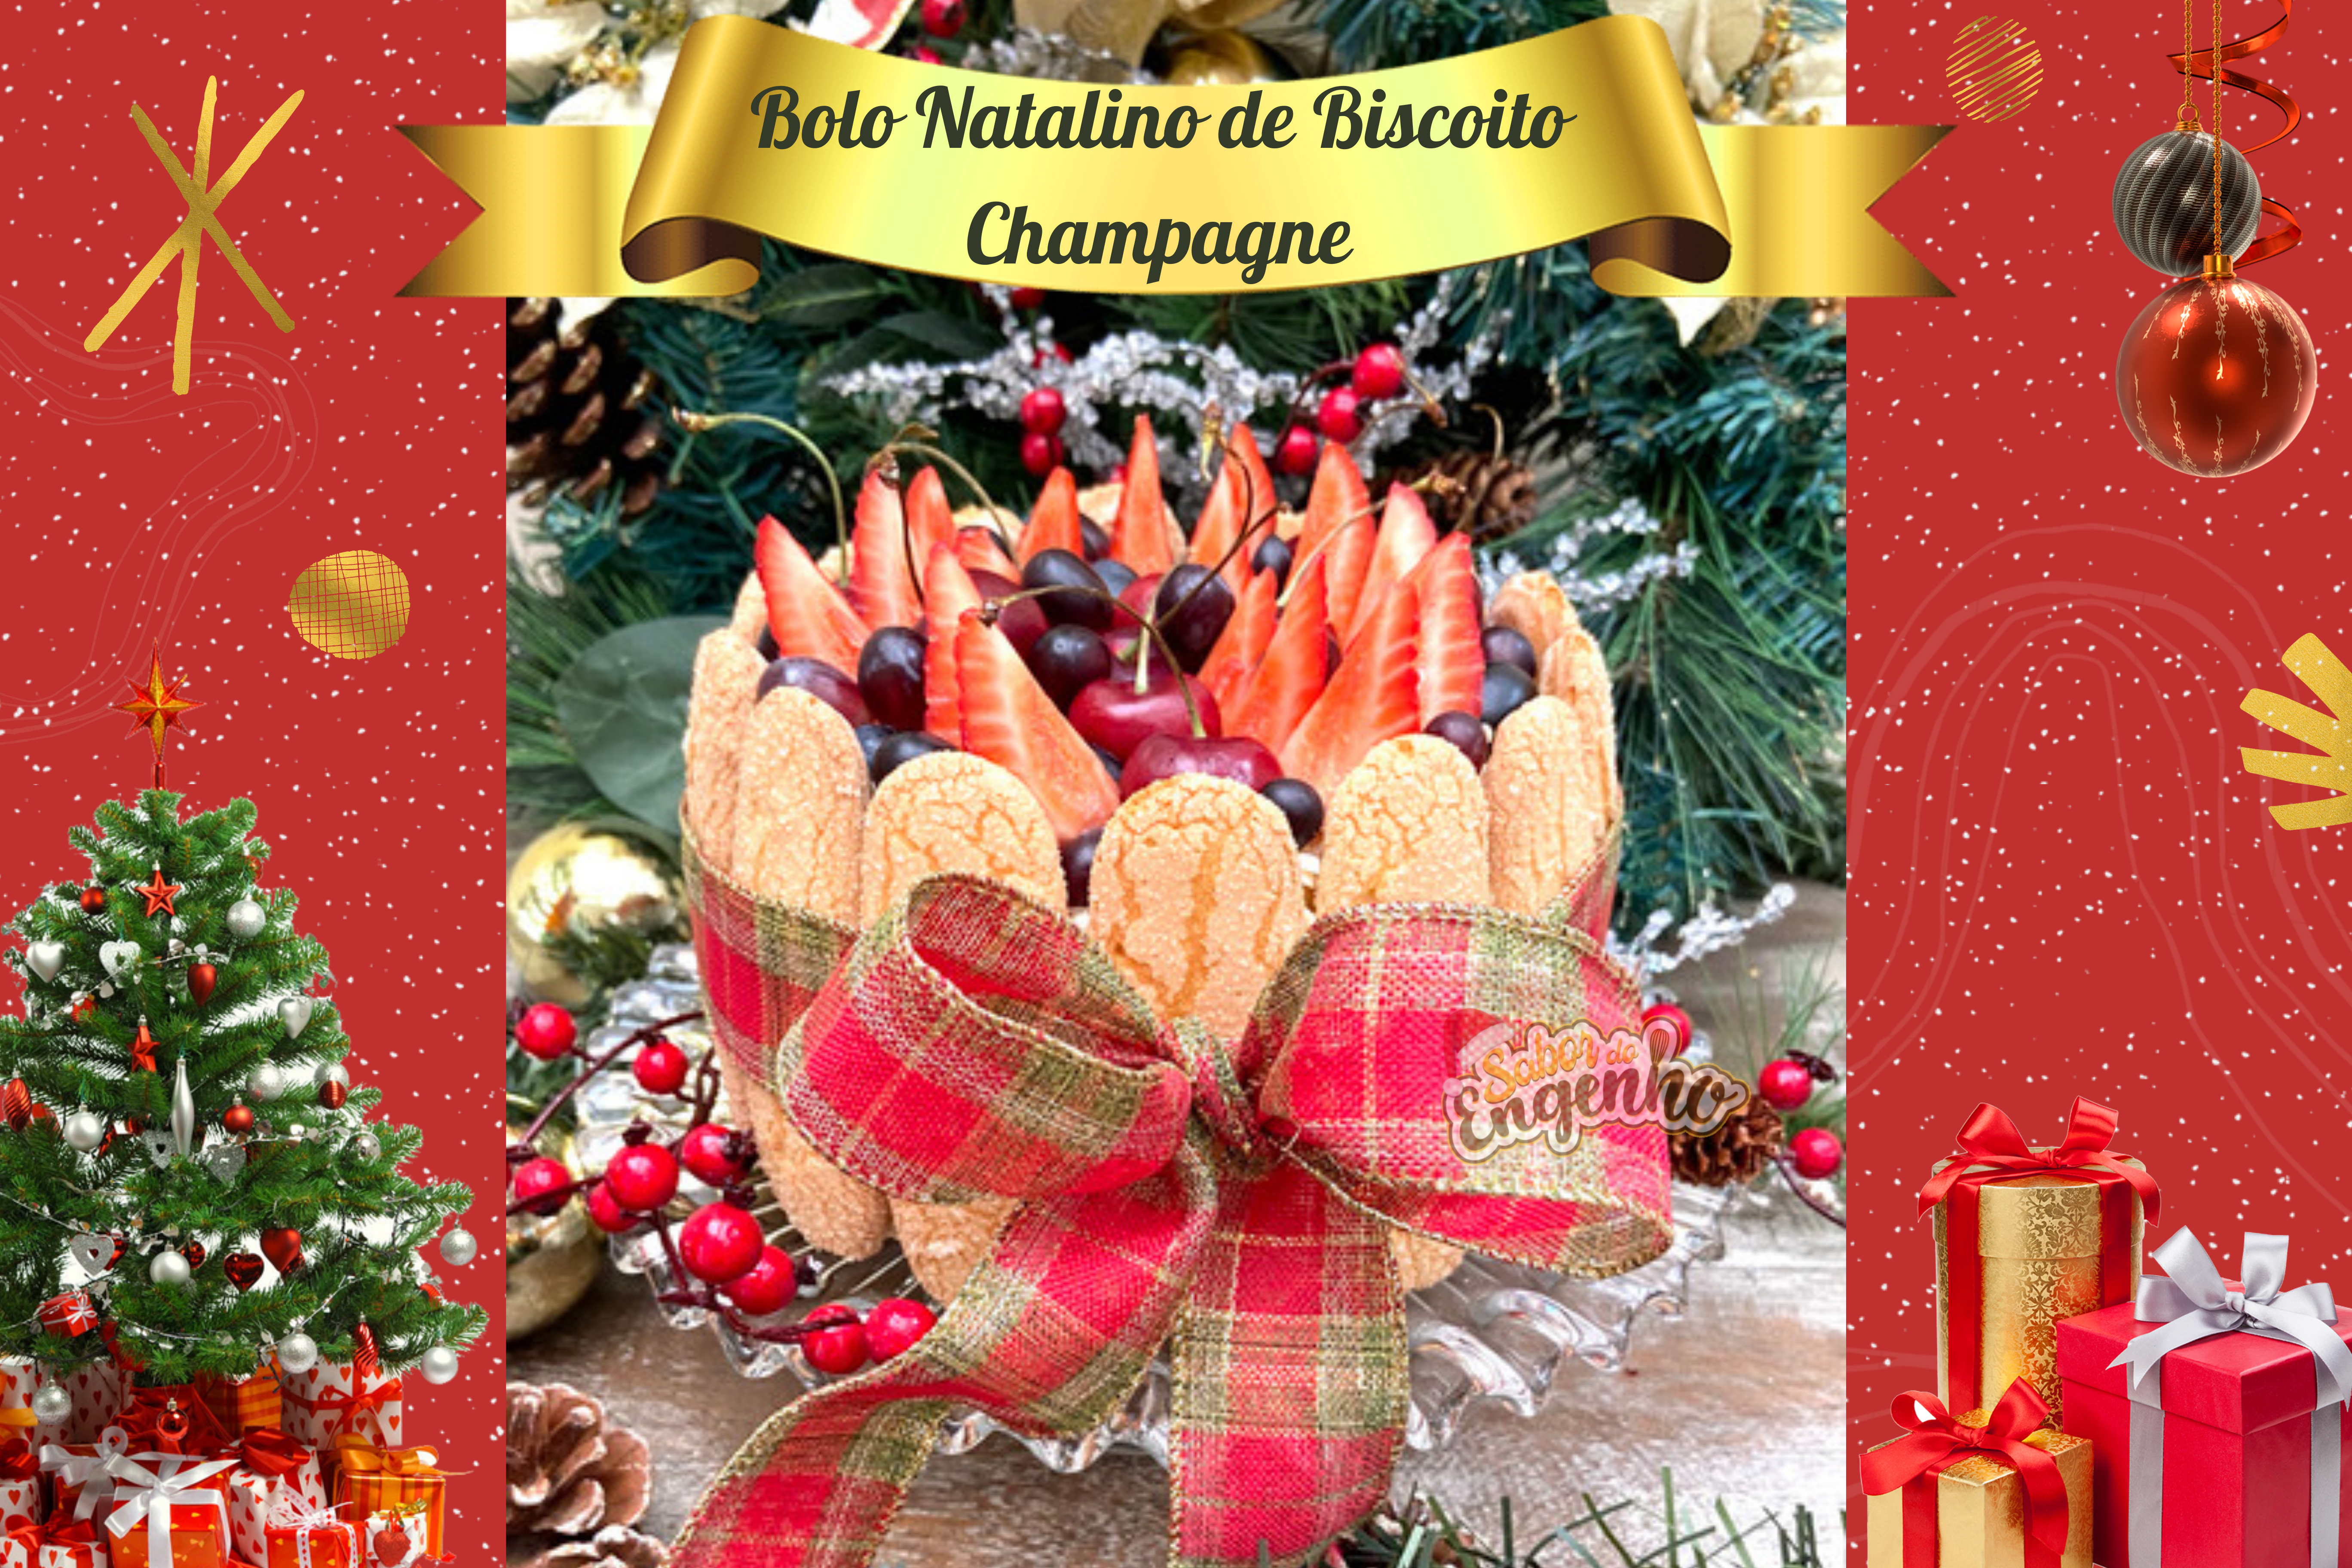 Bolo Natalino de Biscoito Champagne